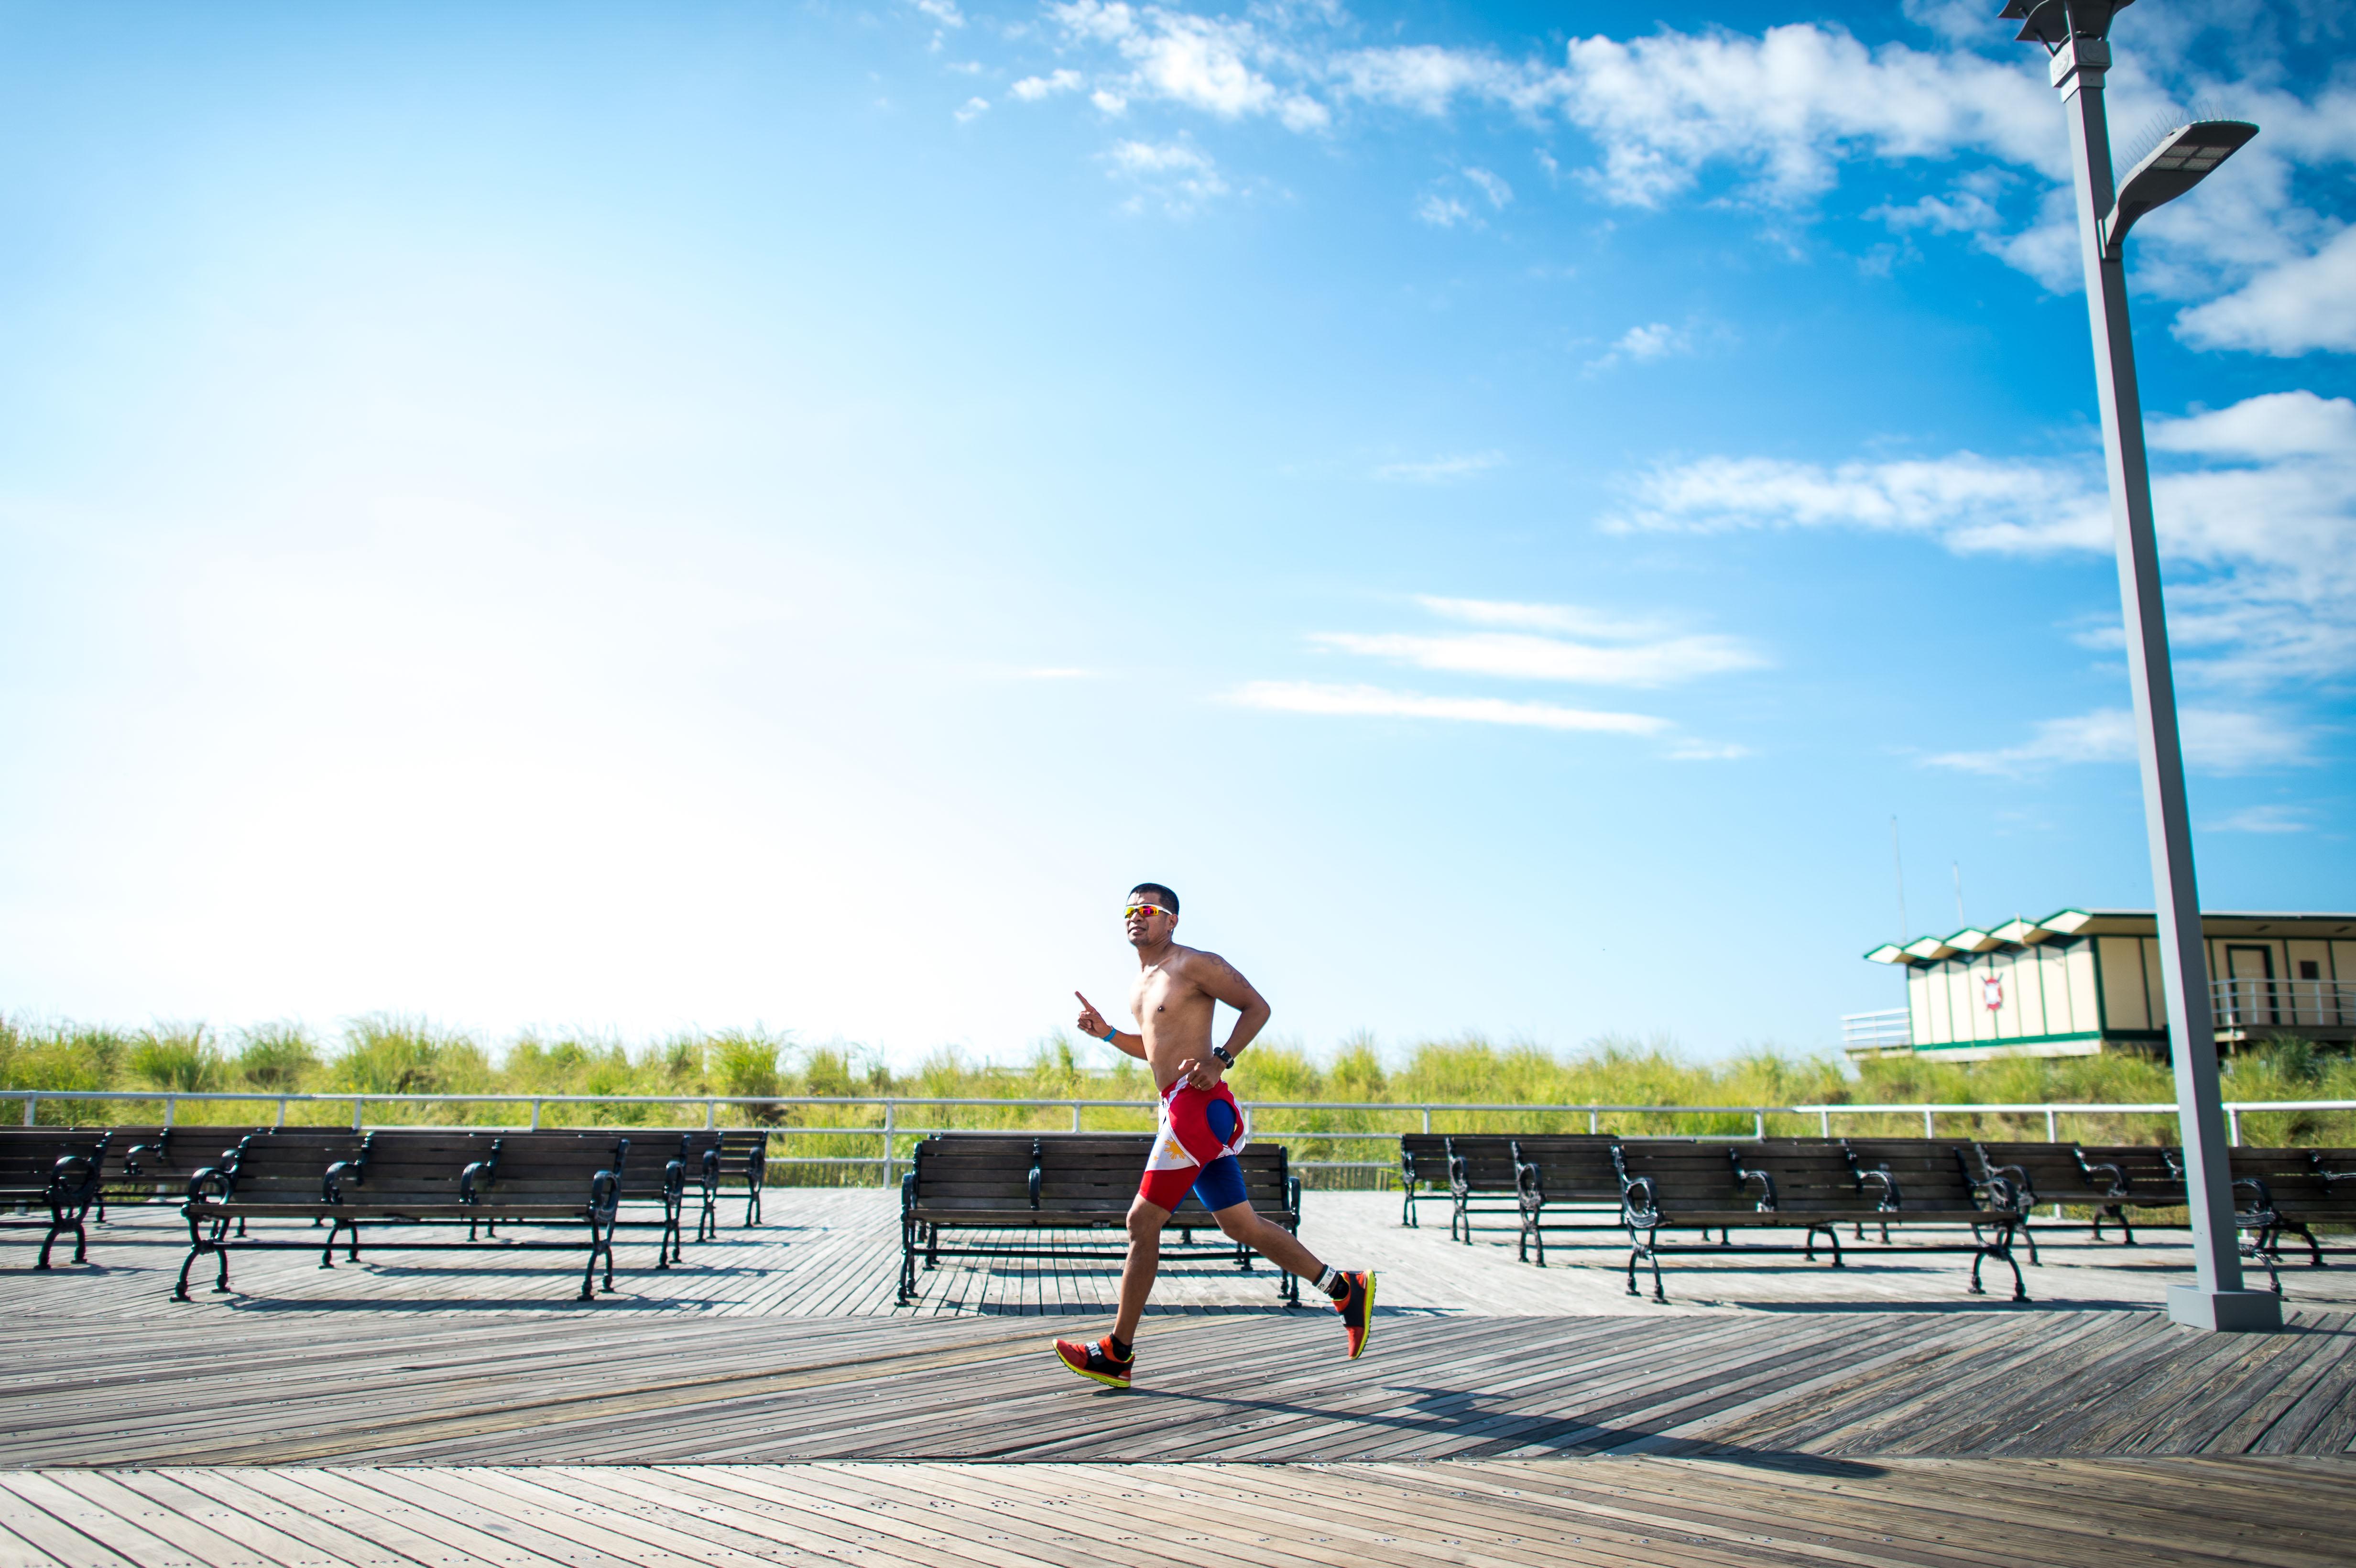 boardwalk - Atlantic City Triathlon Copy